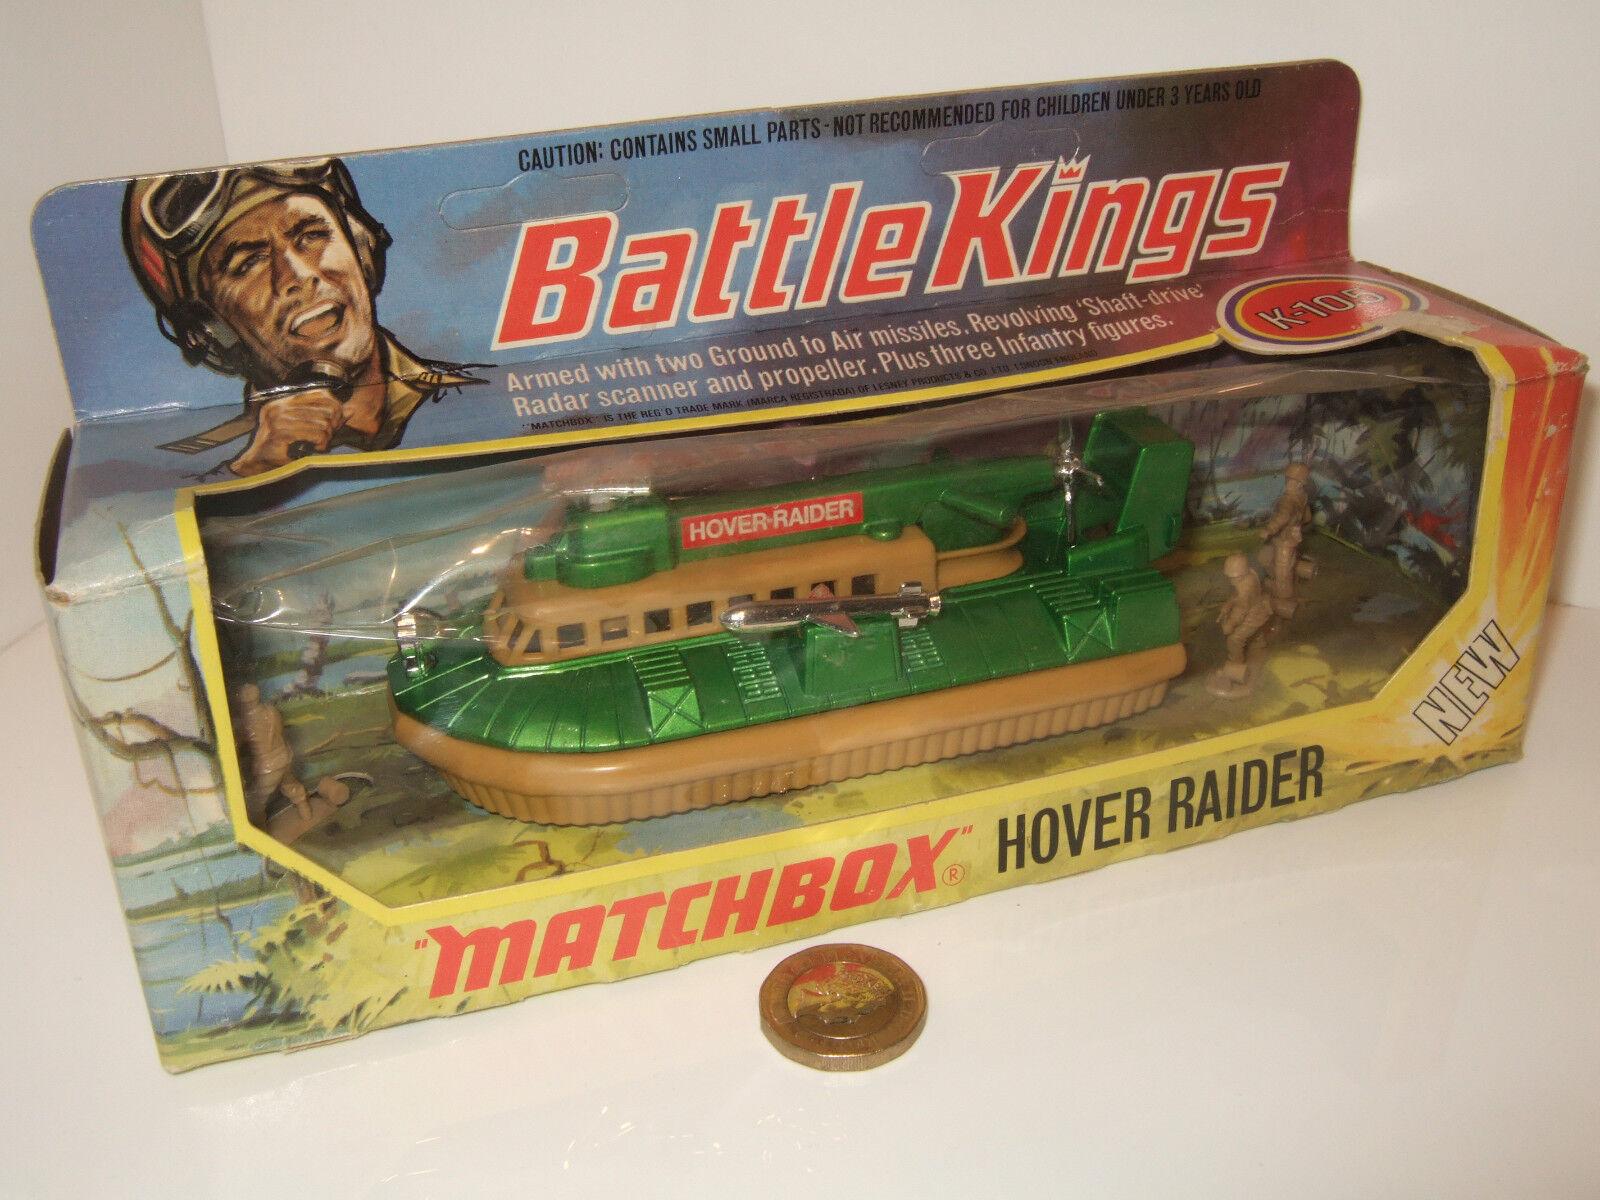 Vintage Matchbox Battle Kings K-105 Hover Raider & 3 Infantry Figures